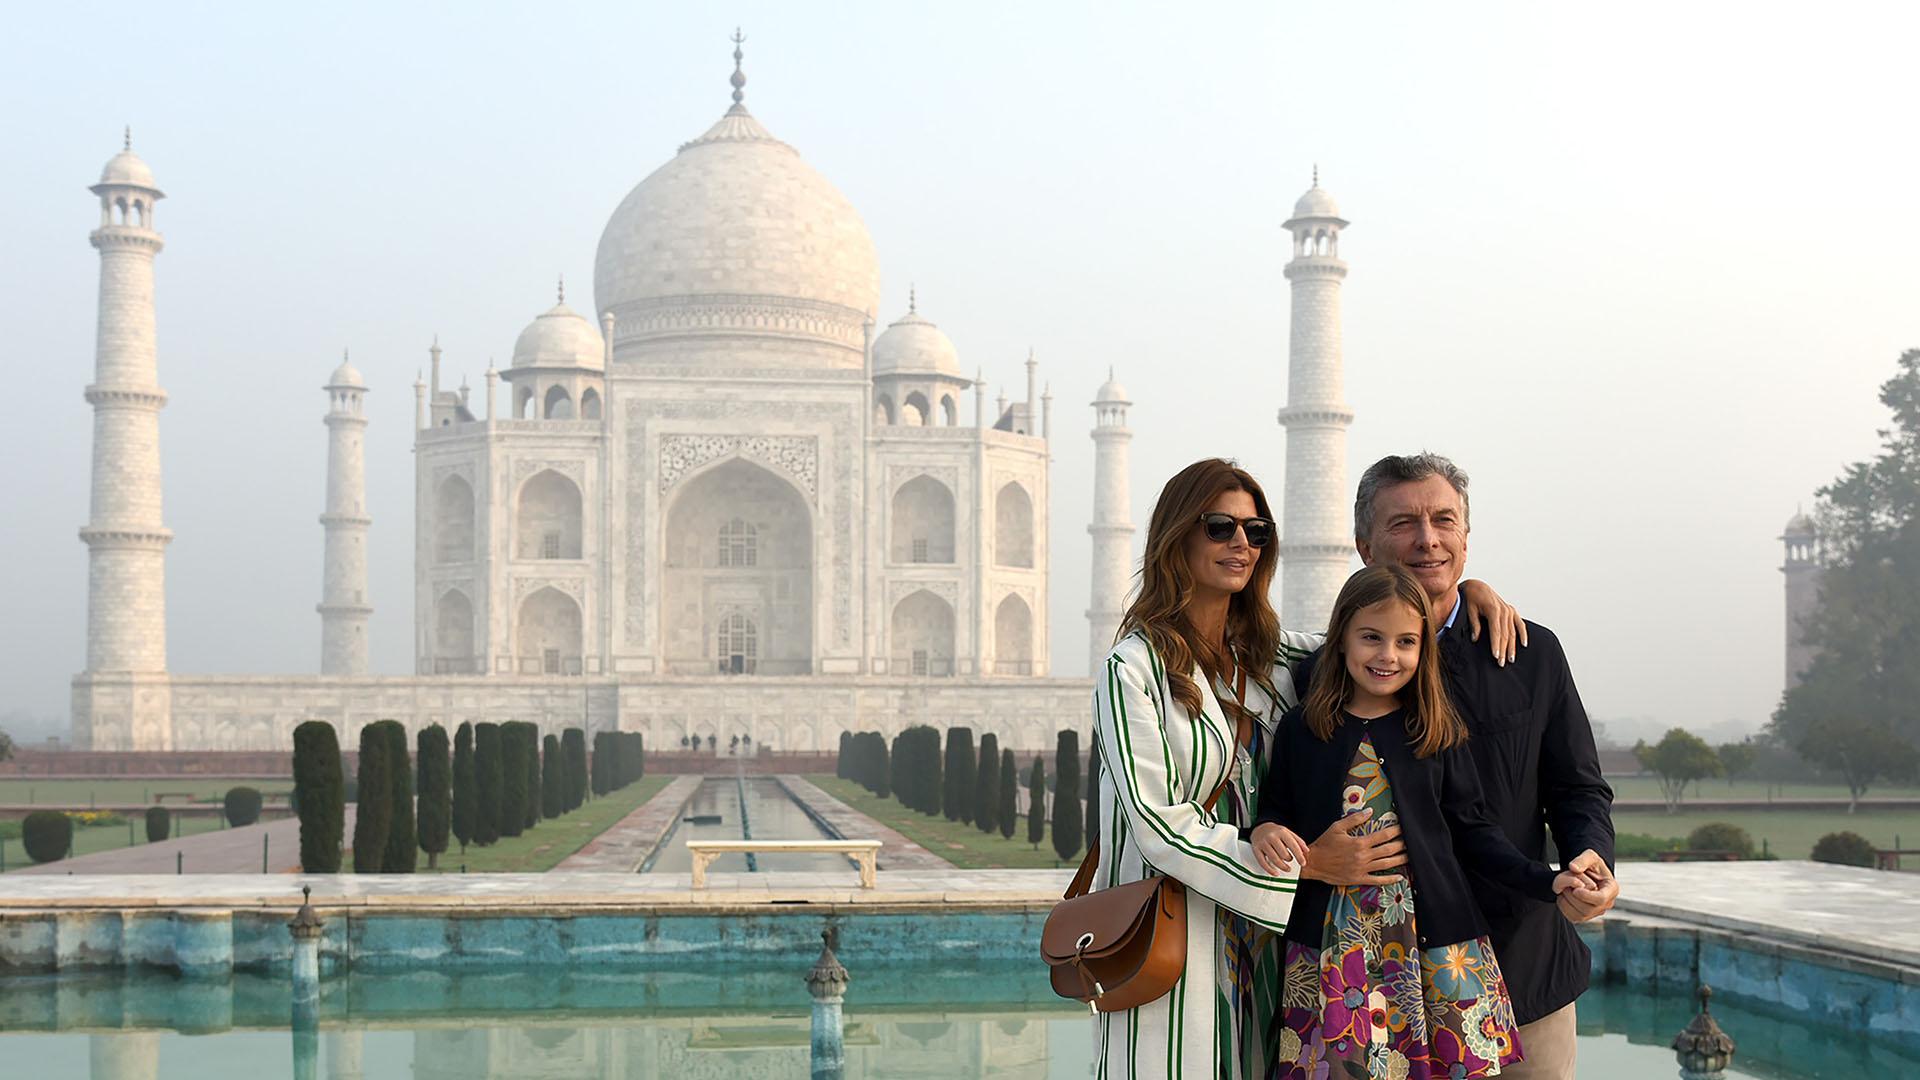 El presidente Macri y su familia en el Taj Mahal en la ciudad de Agra